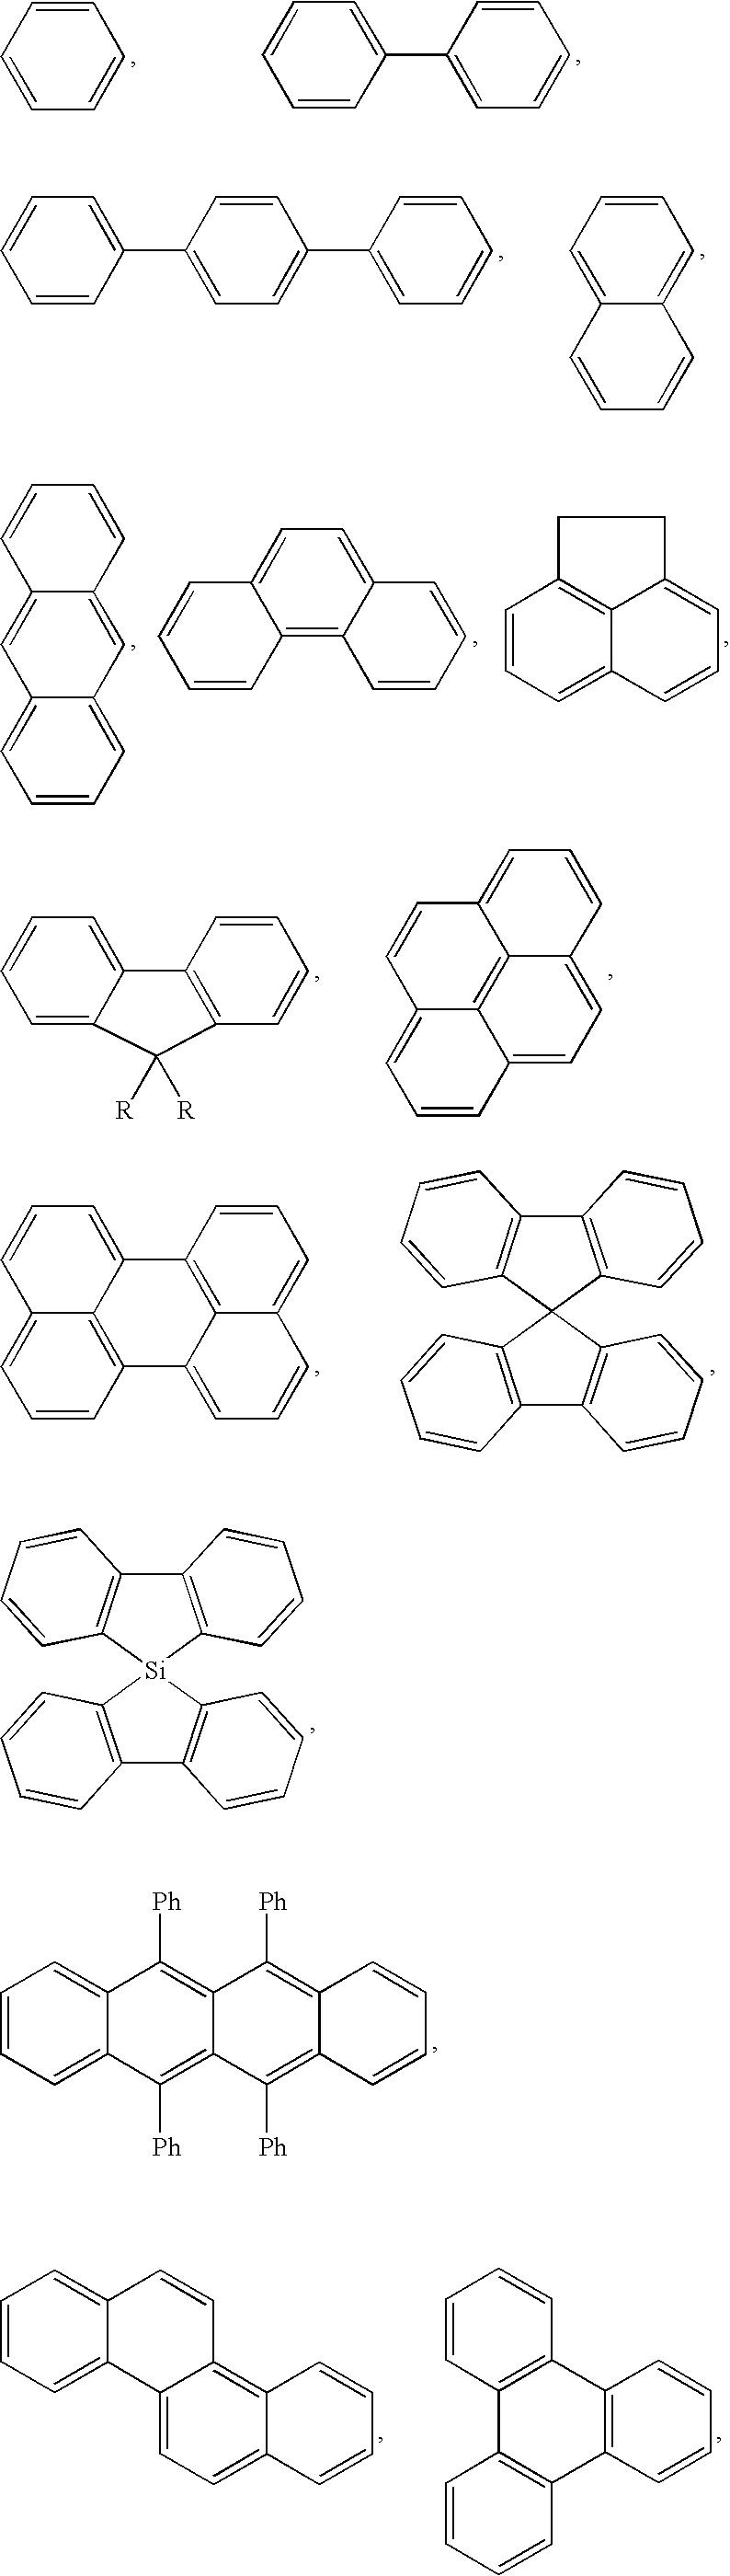 Figure US20070107835A1-20070517-C00088